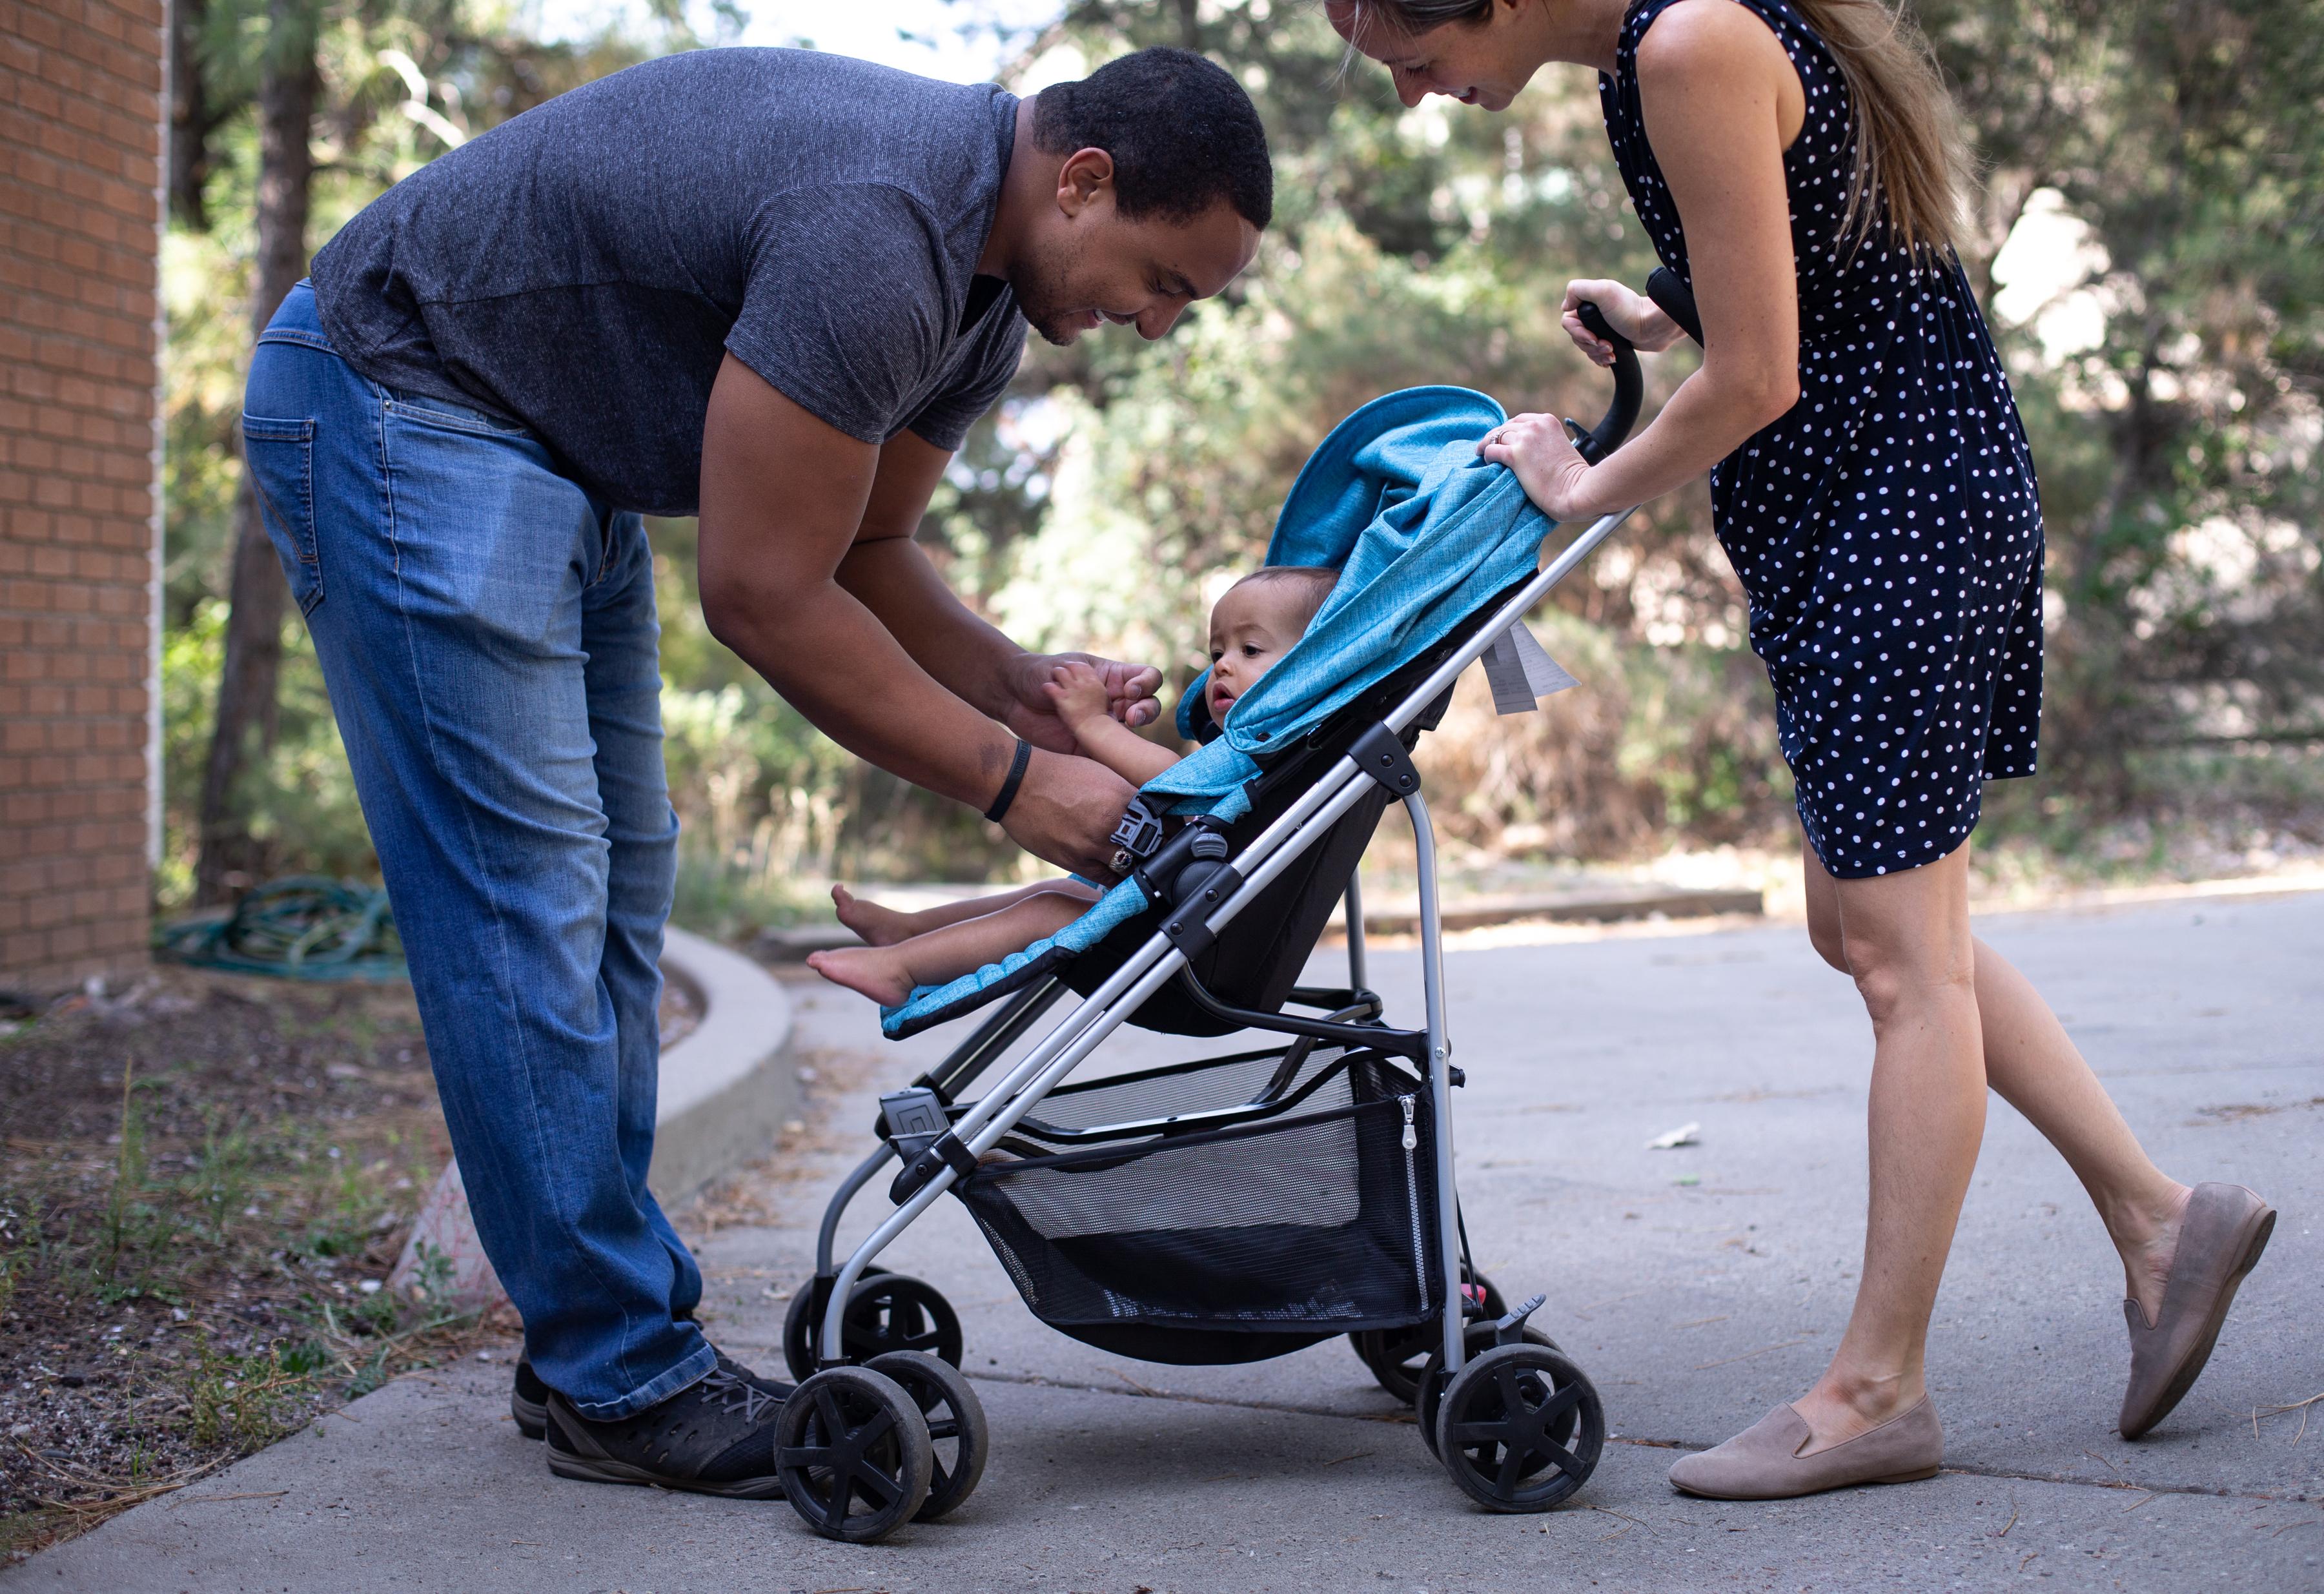 Luke Northam, left, his wife, Emily Schneider, and their daughter, Mira Schneider Northam, walk near their home in Flagstaff, Ariz., on Saturday, Sept. 19, 2020.